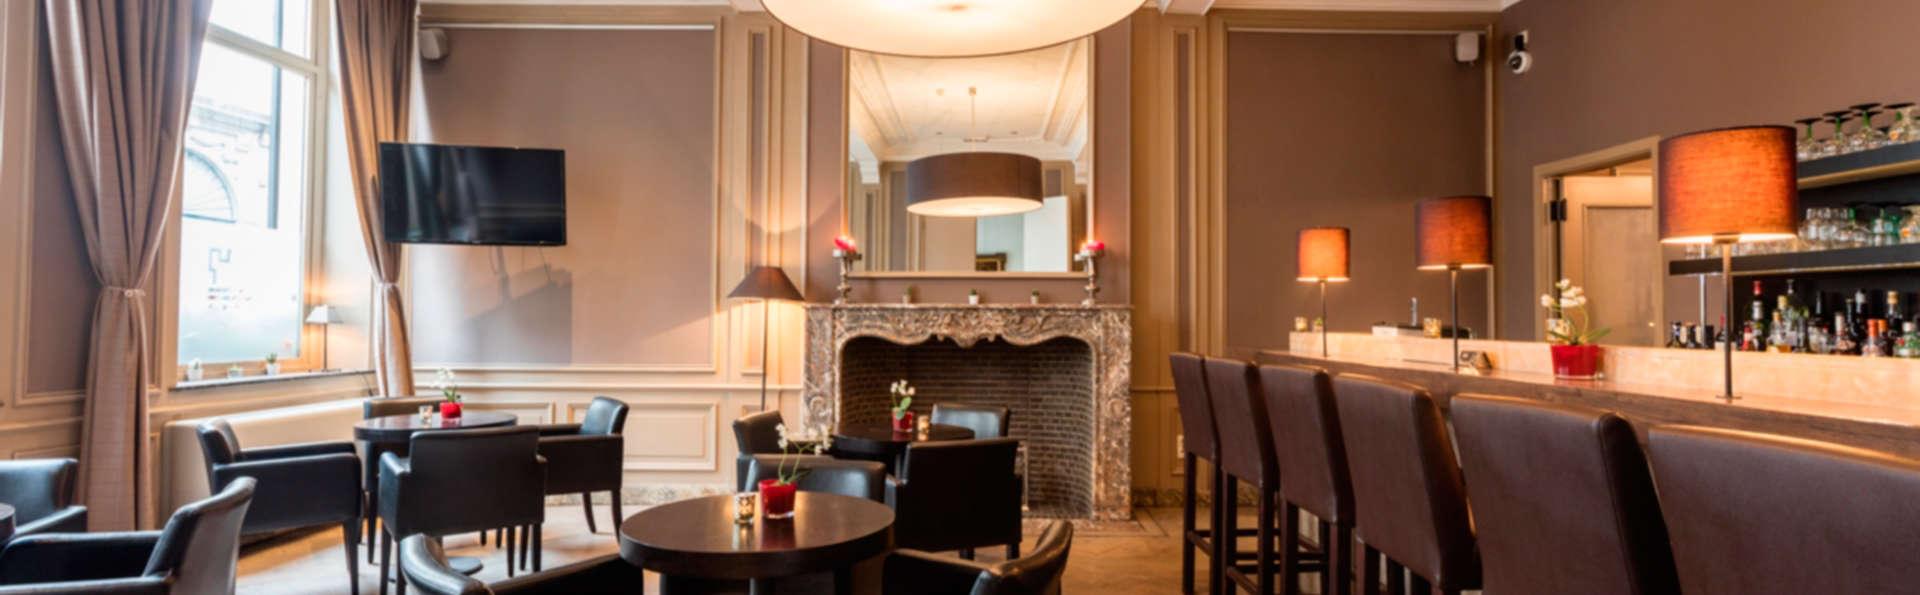 Hotel de Flandre - EDIT_bar2.jpg